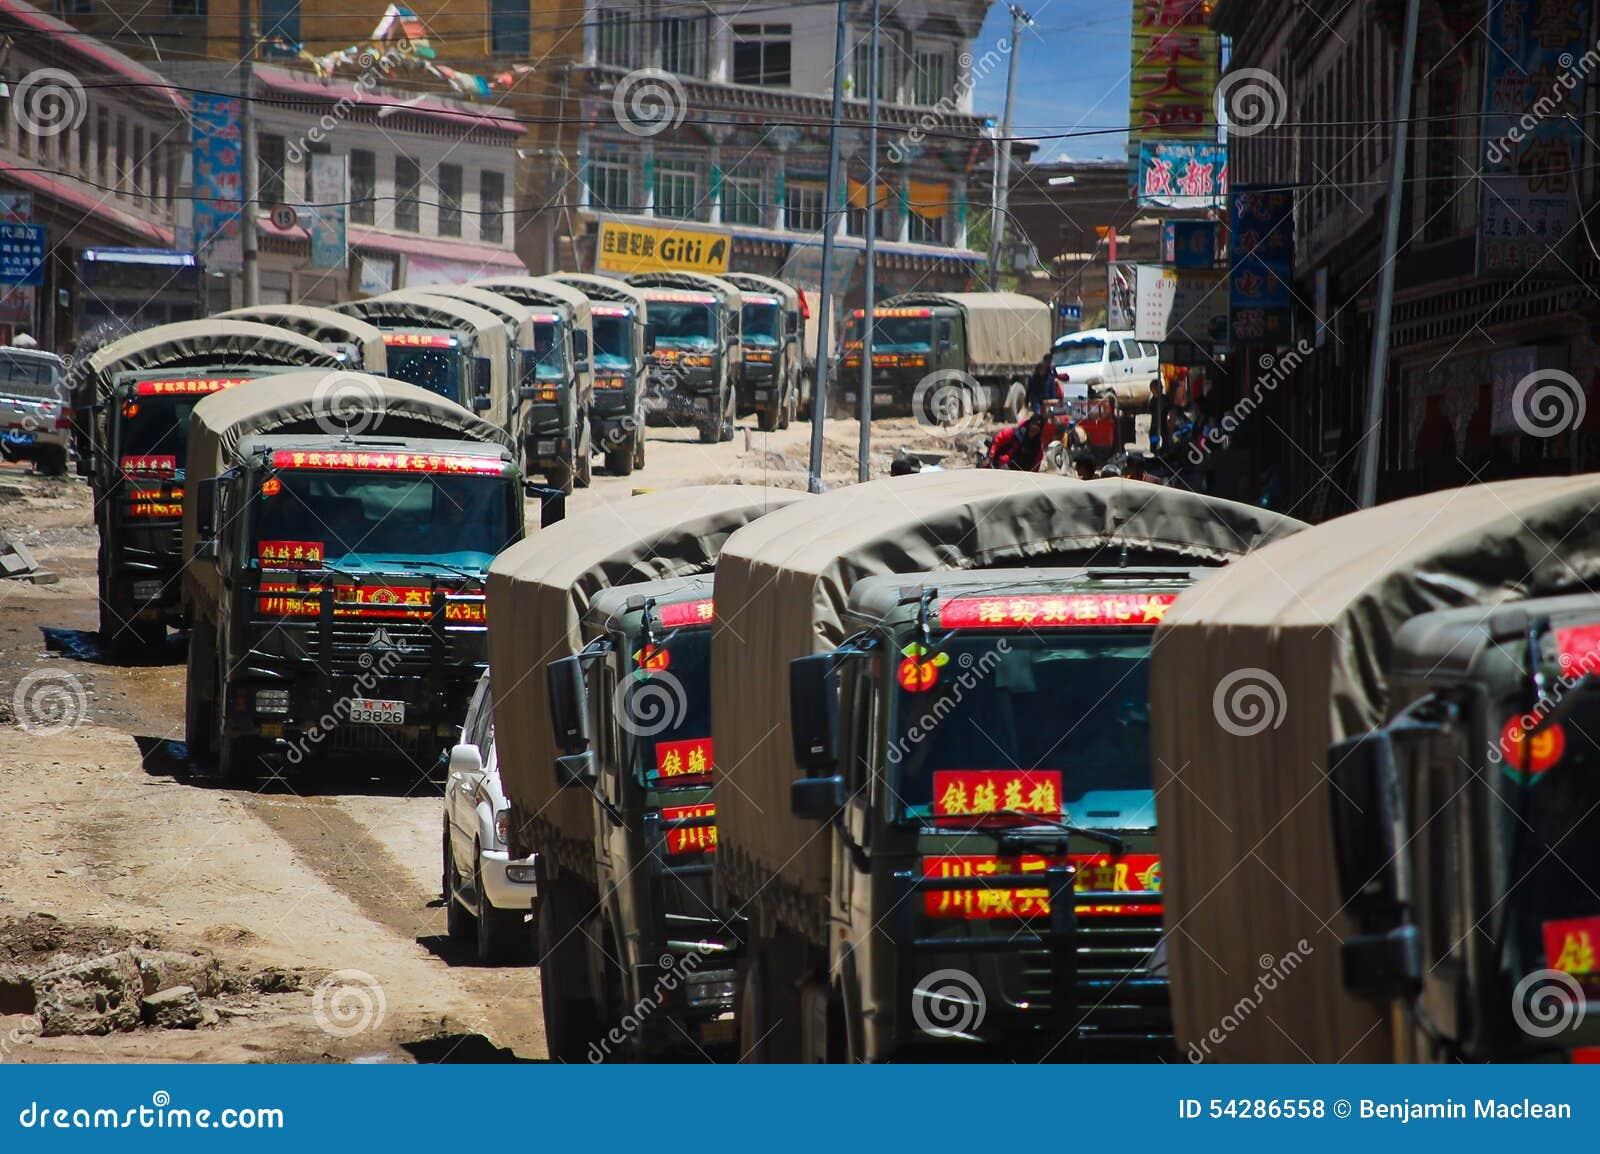 Chinese Army Trucks